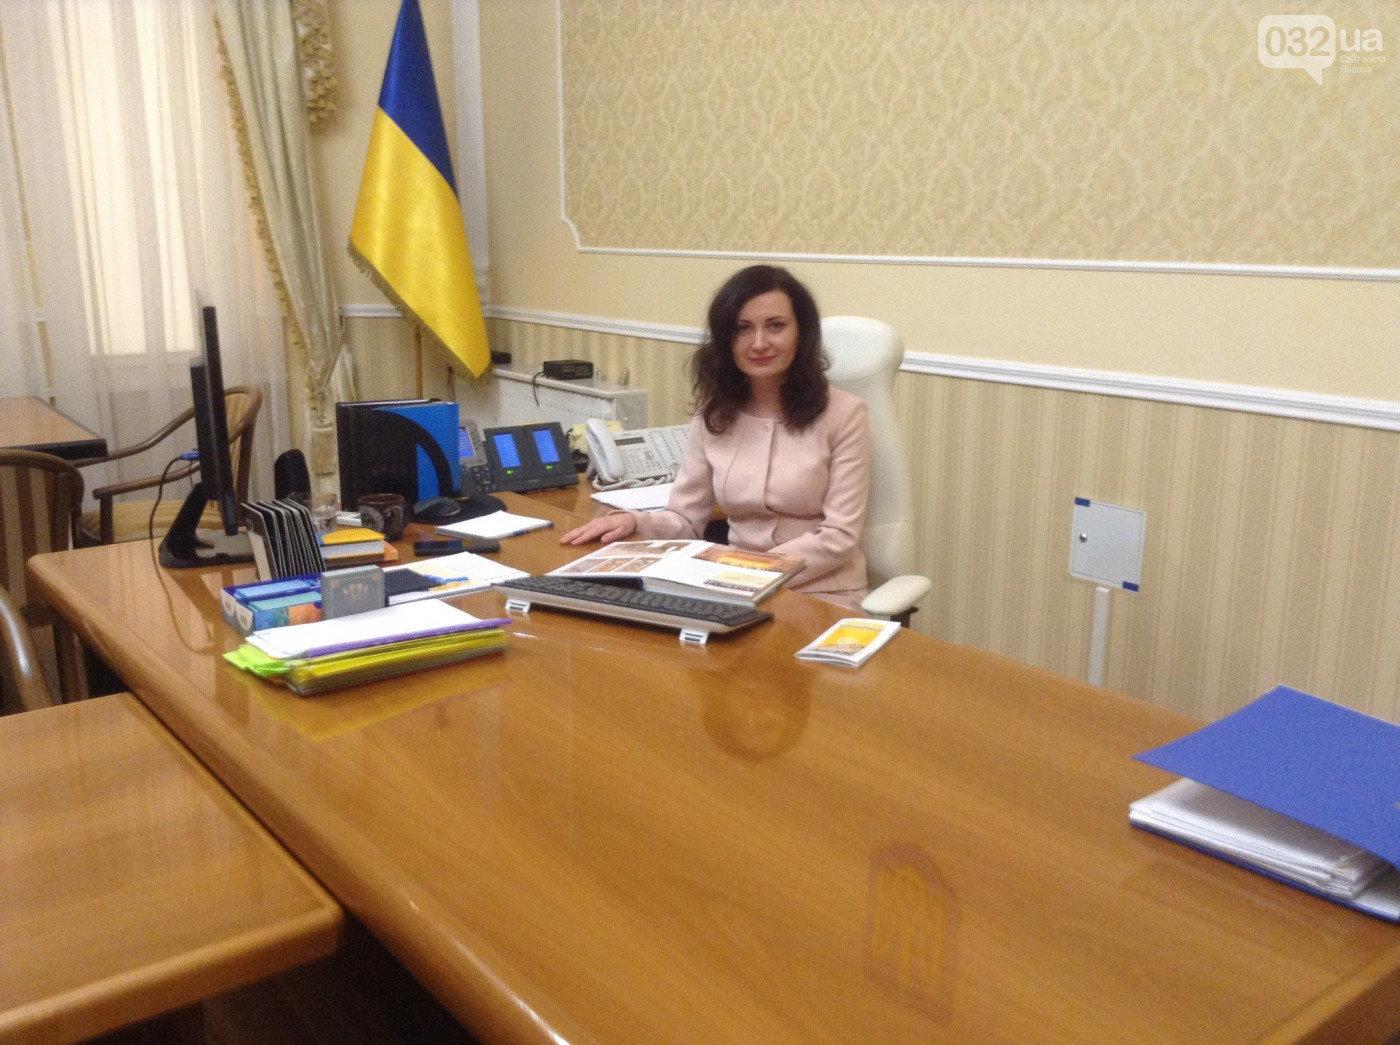 Діденко, фото: 032.ua